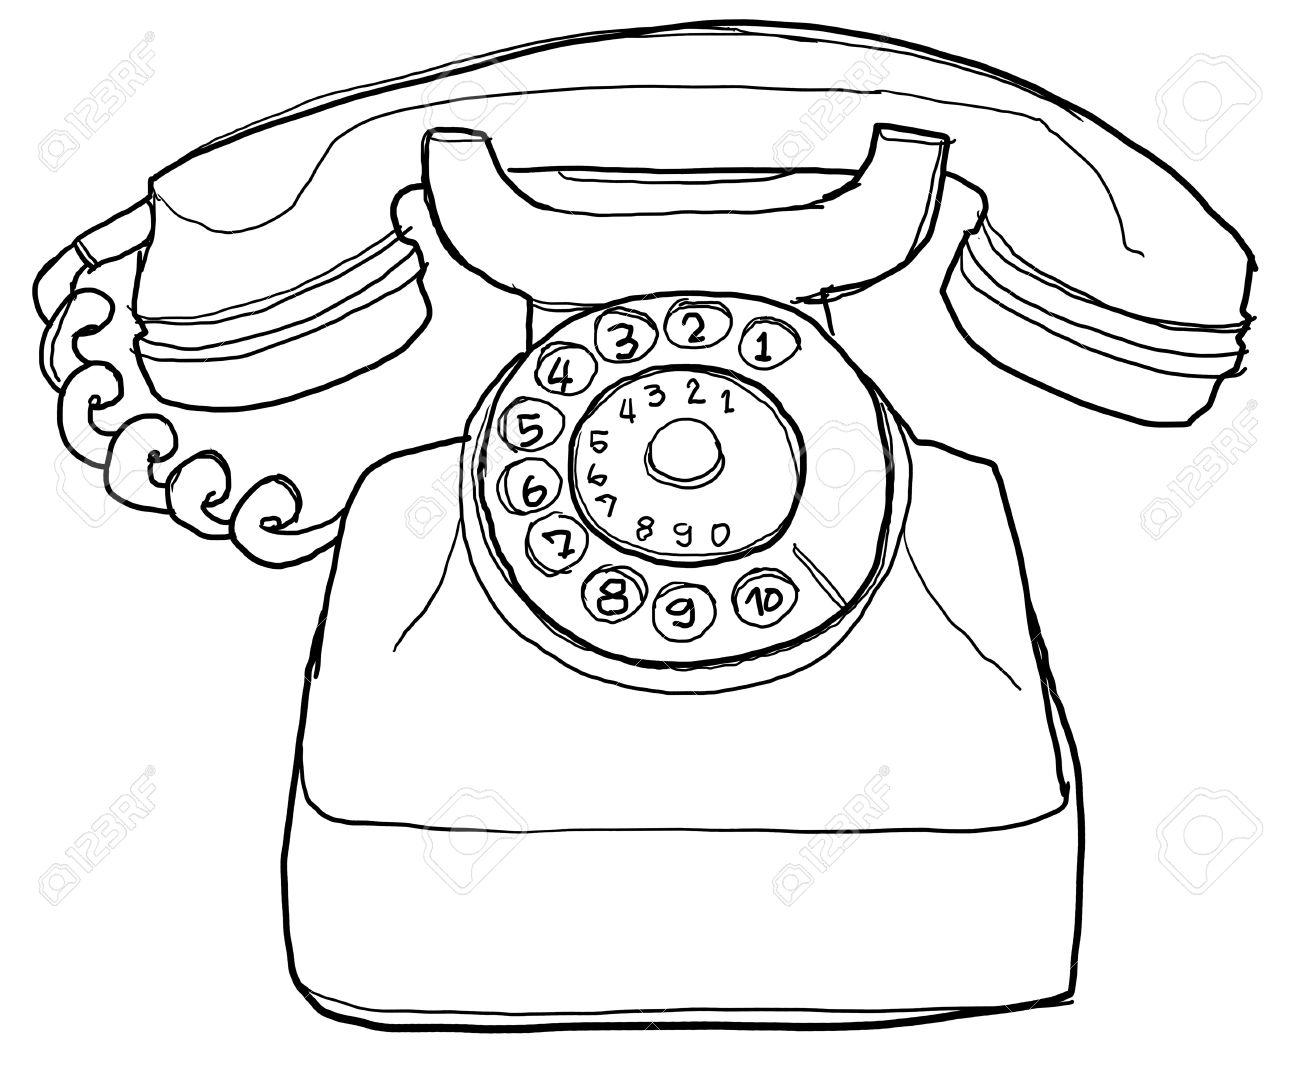 old telephone b&w - 14981436